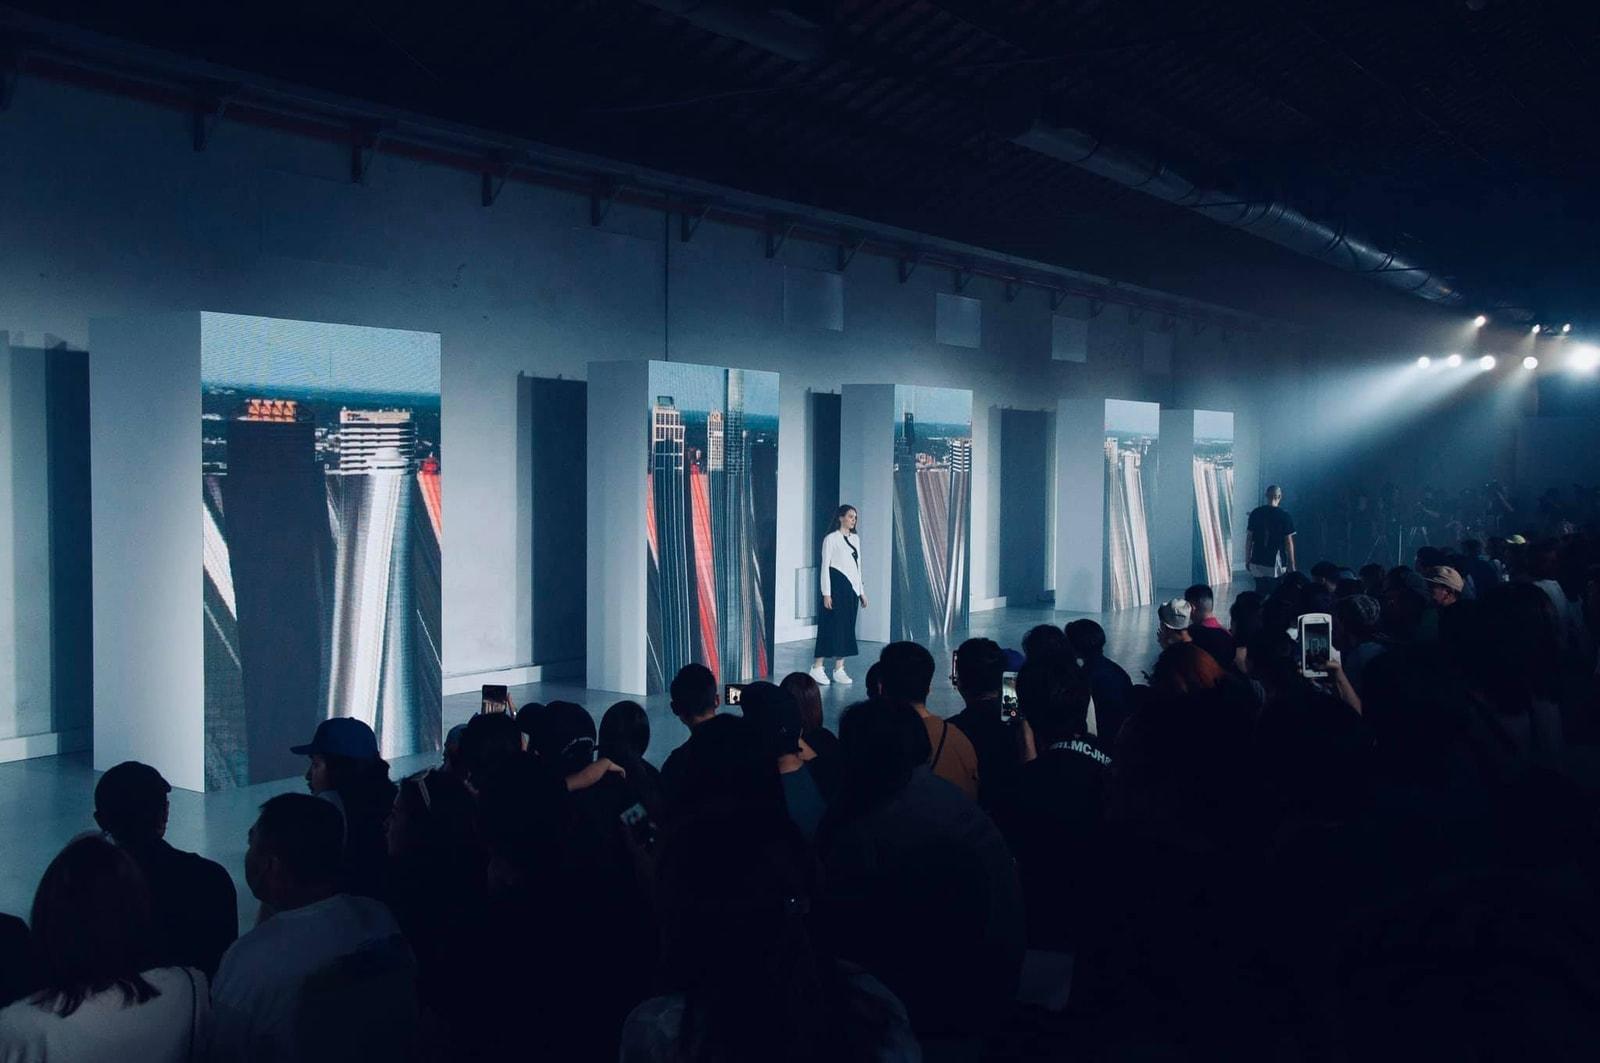 東方元素滿載 - oqLiq 2020 春夏時裝秀